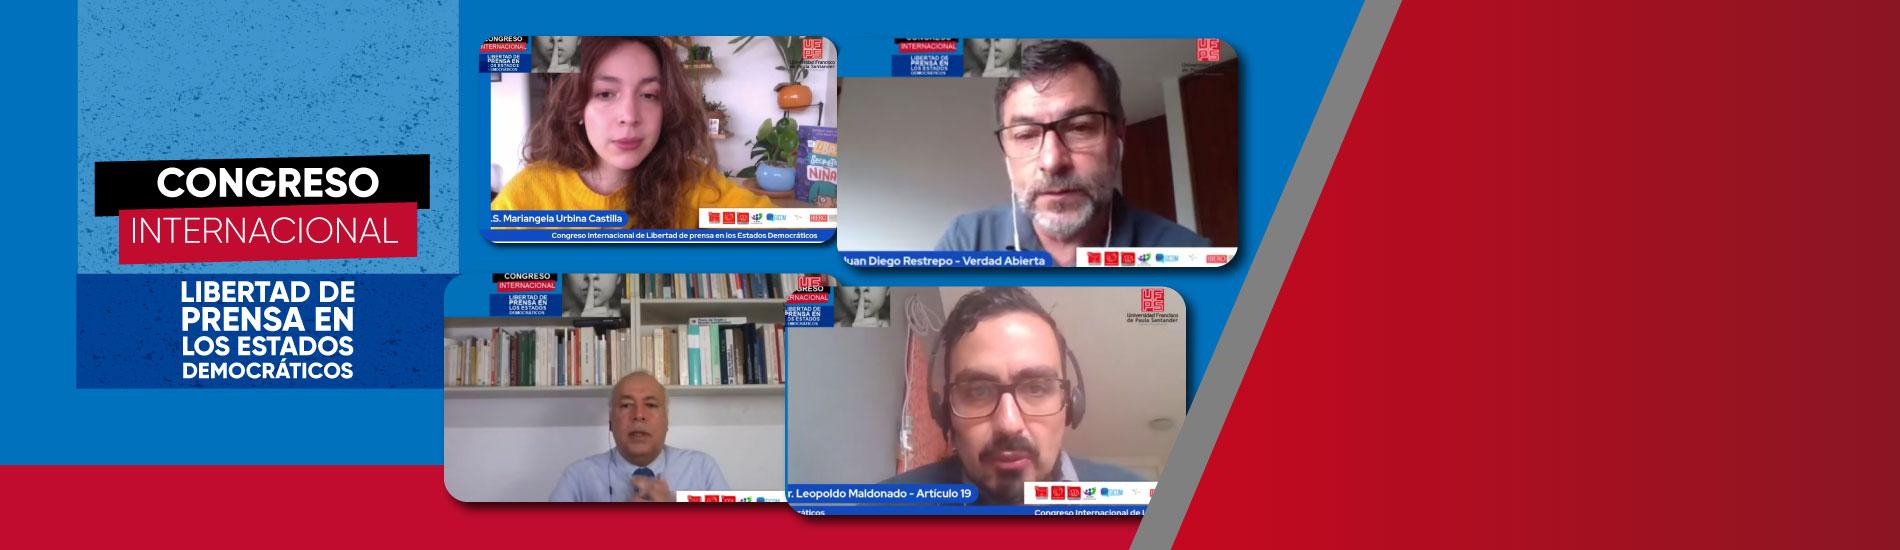 UFPS, anfitriona del Congreso Internacional de Libertad de Prensa en los Estados Democráticos